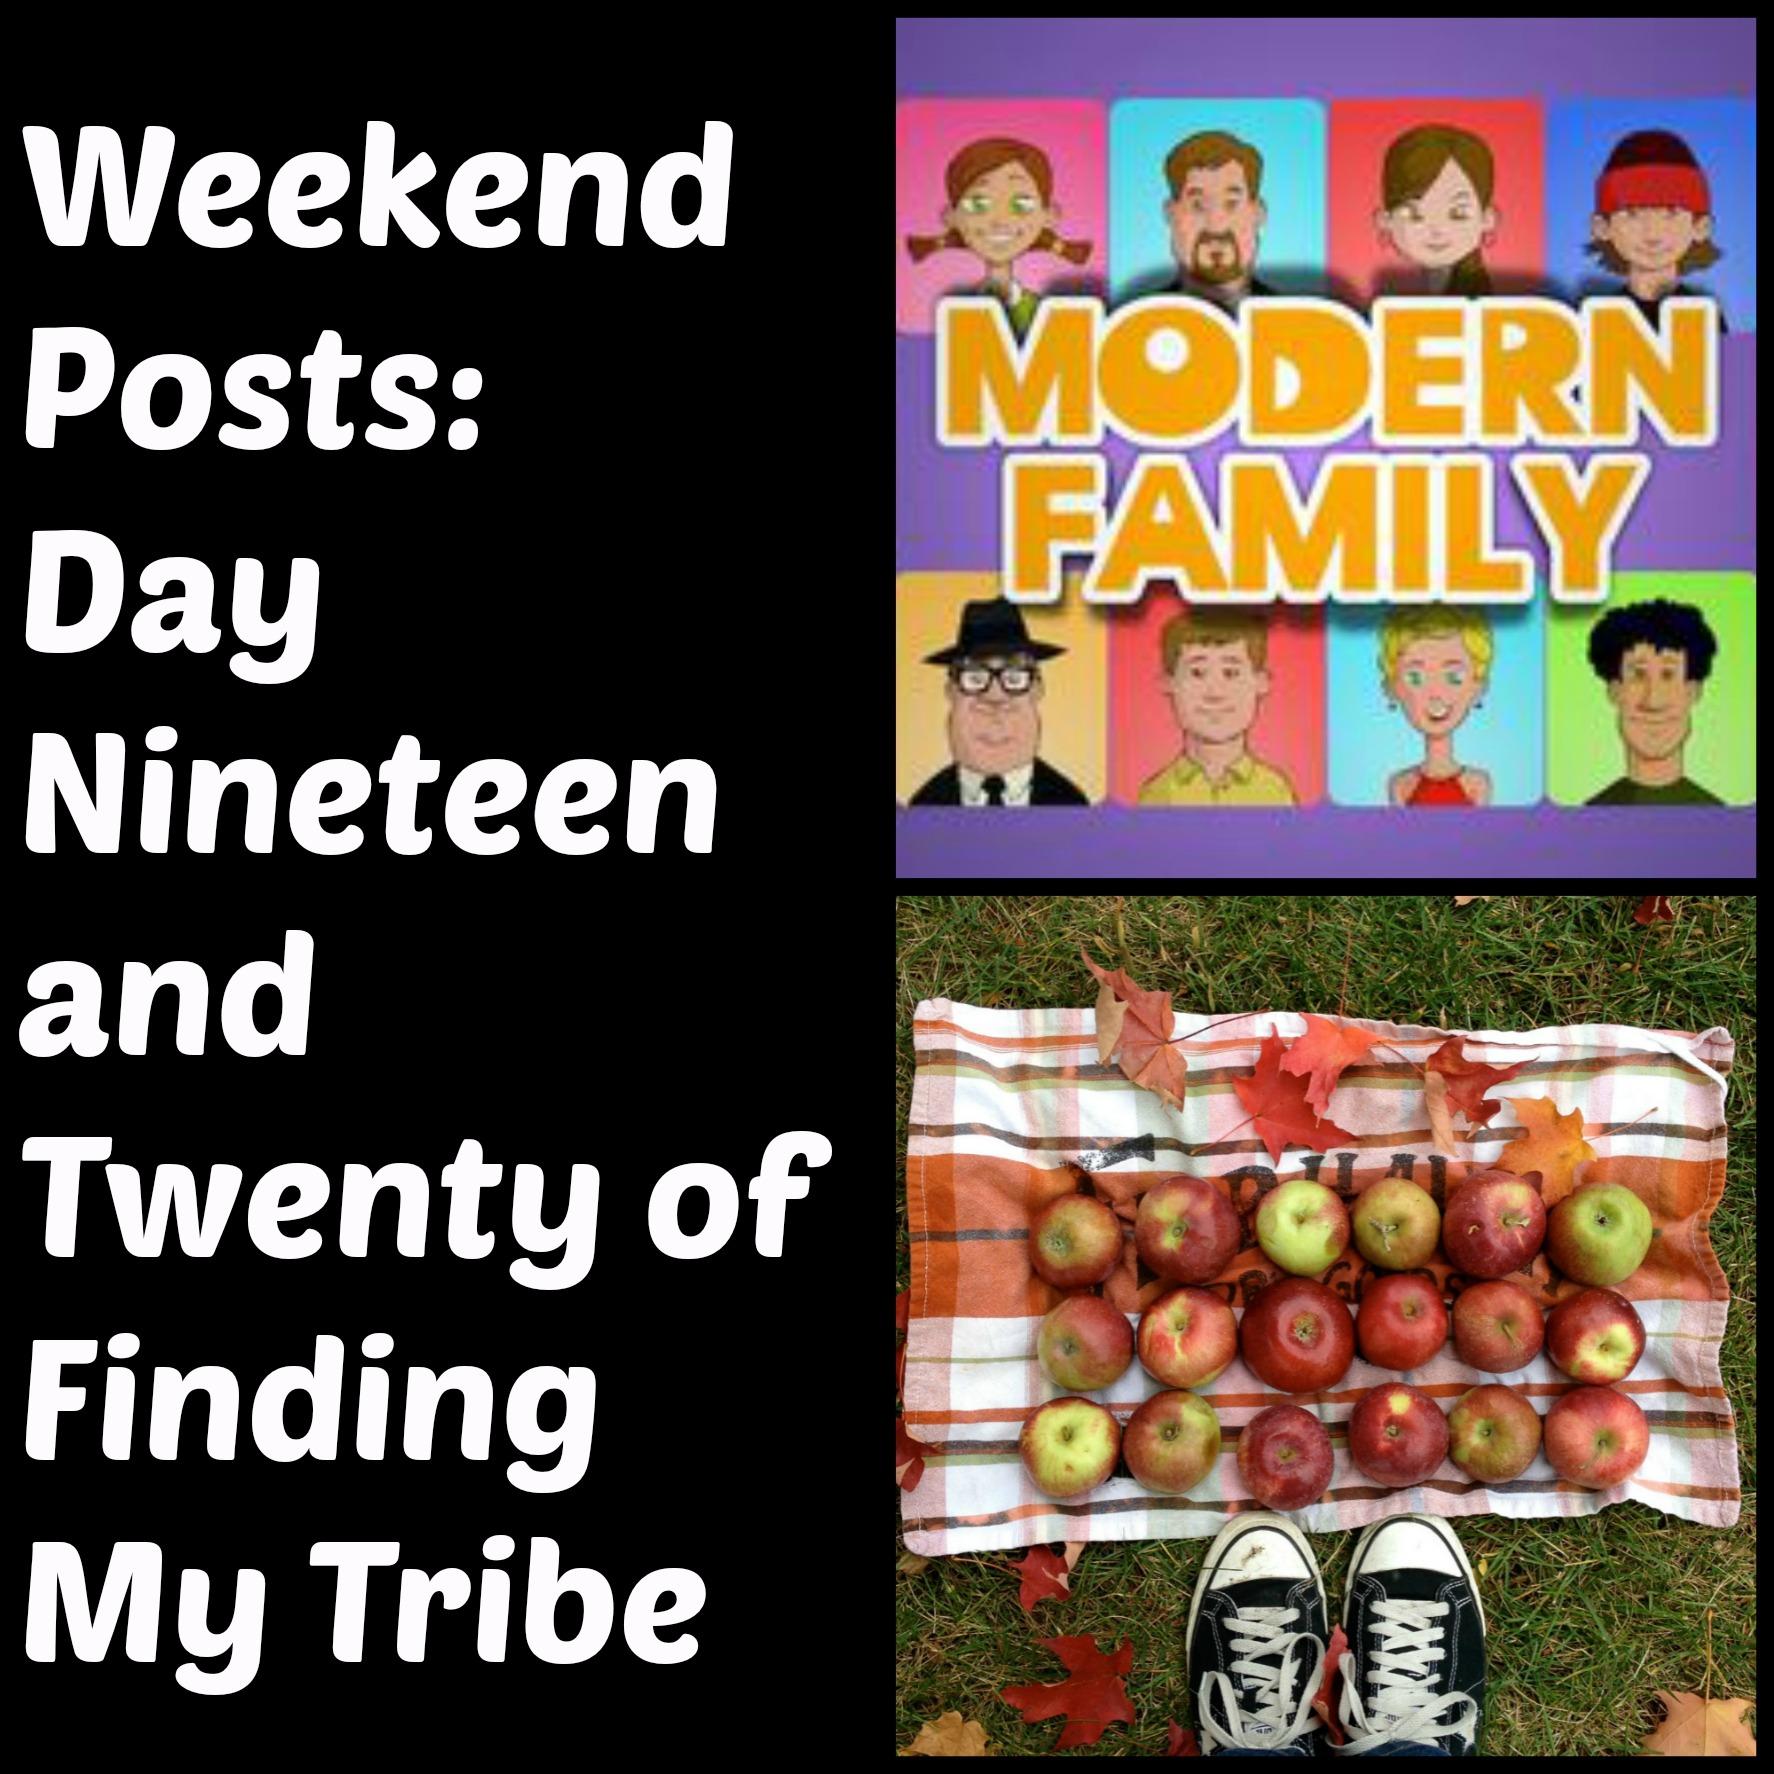 modernfamilyblog